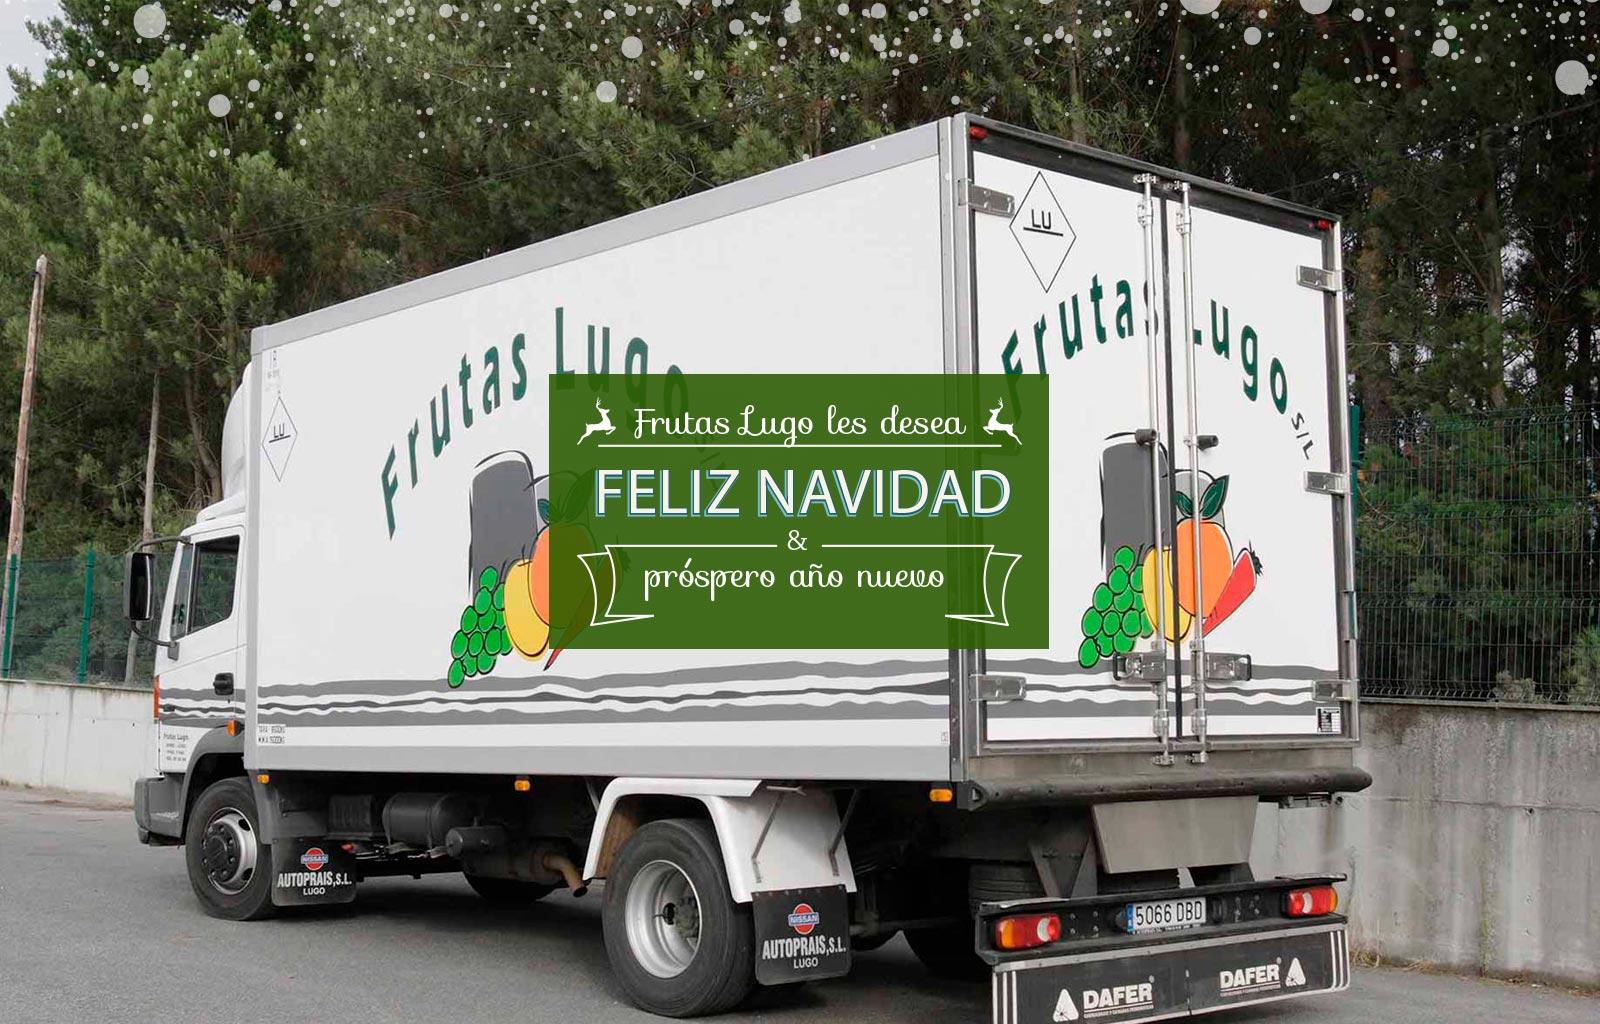 Frutas-Lugo-Navidad-2018